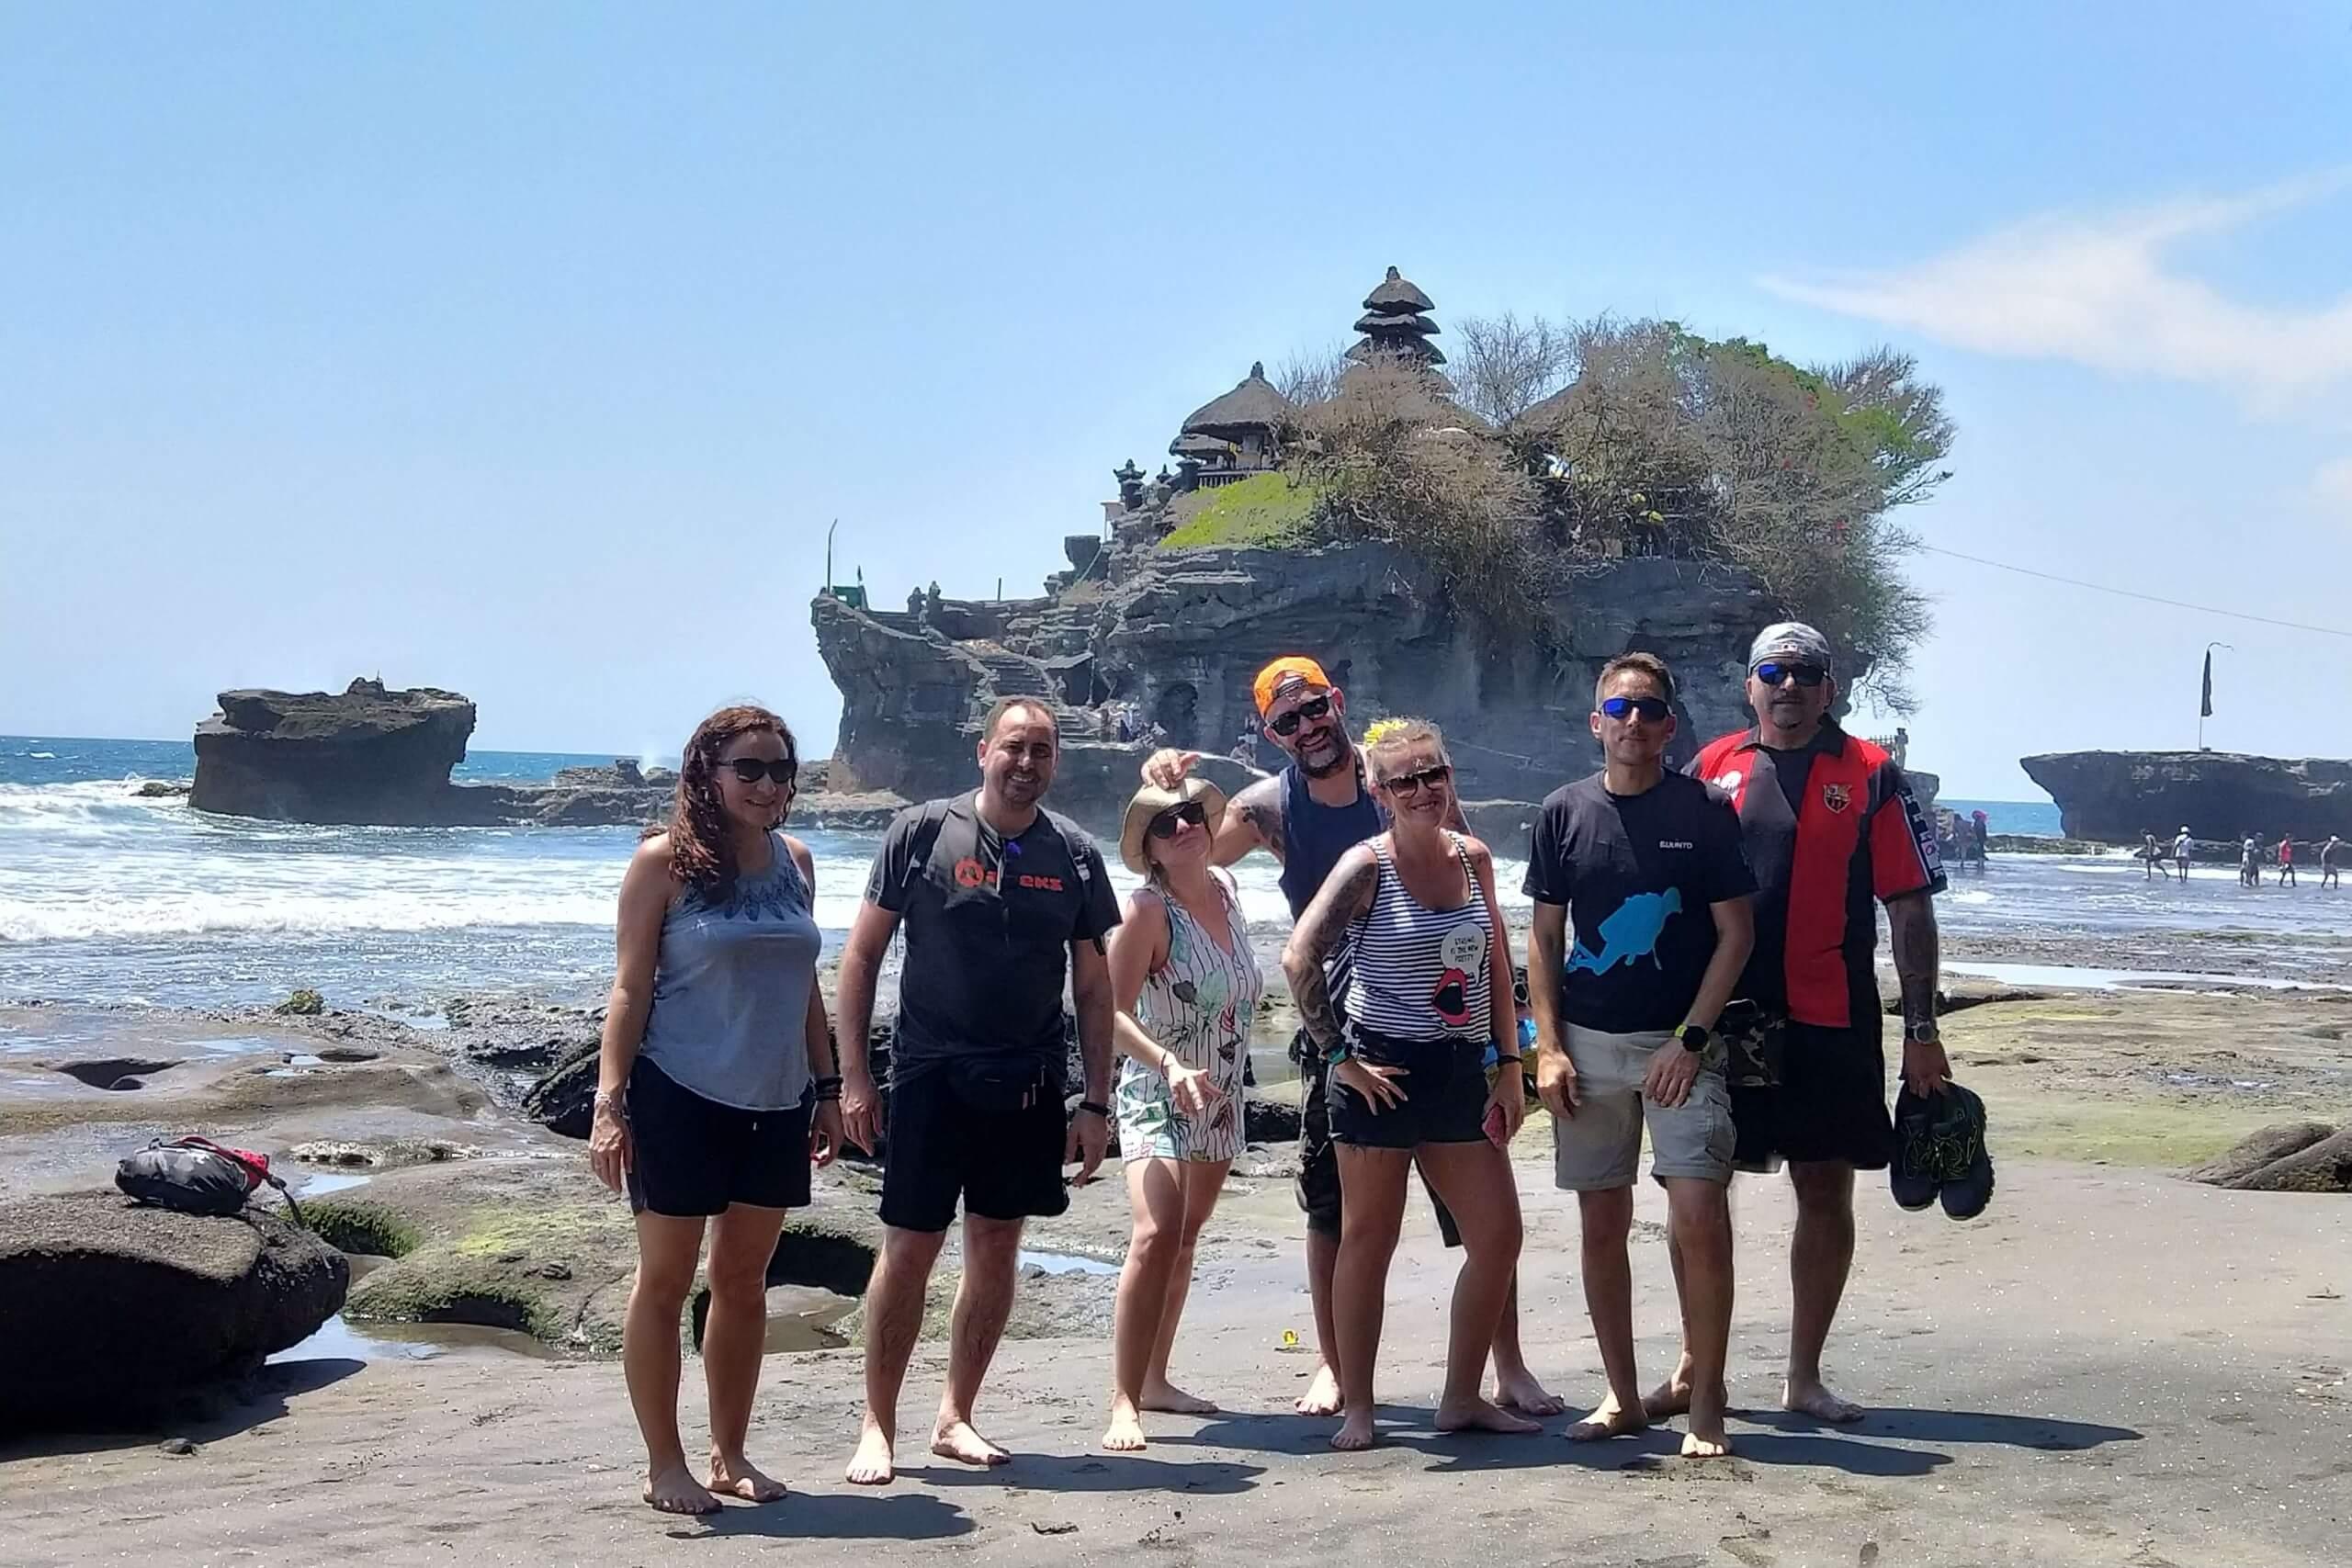 Buceadores-disfrutando-de-las-playas-de-Bali